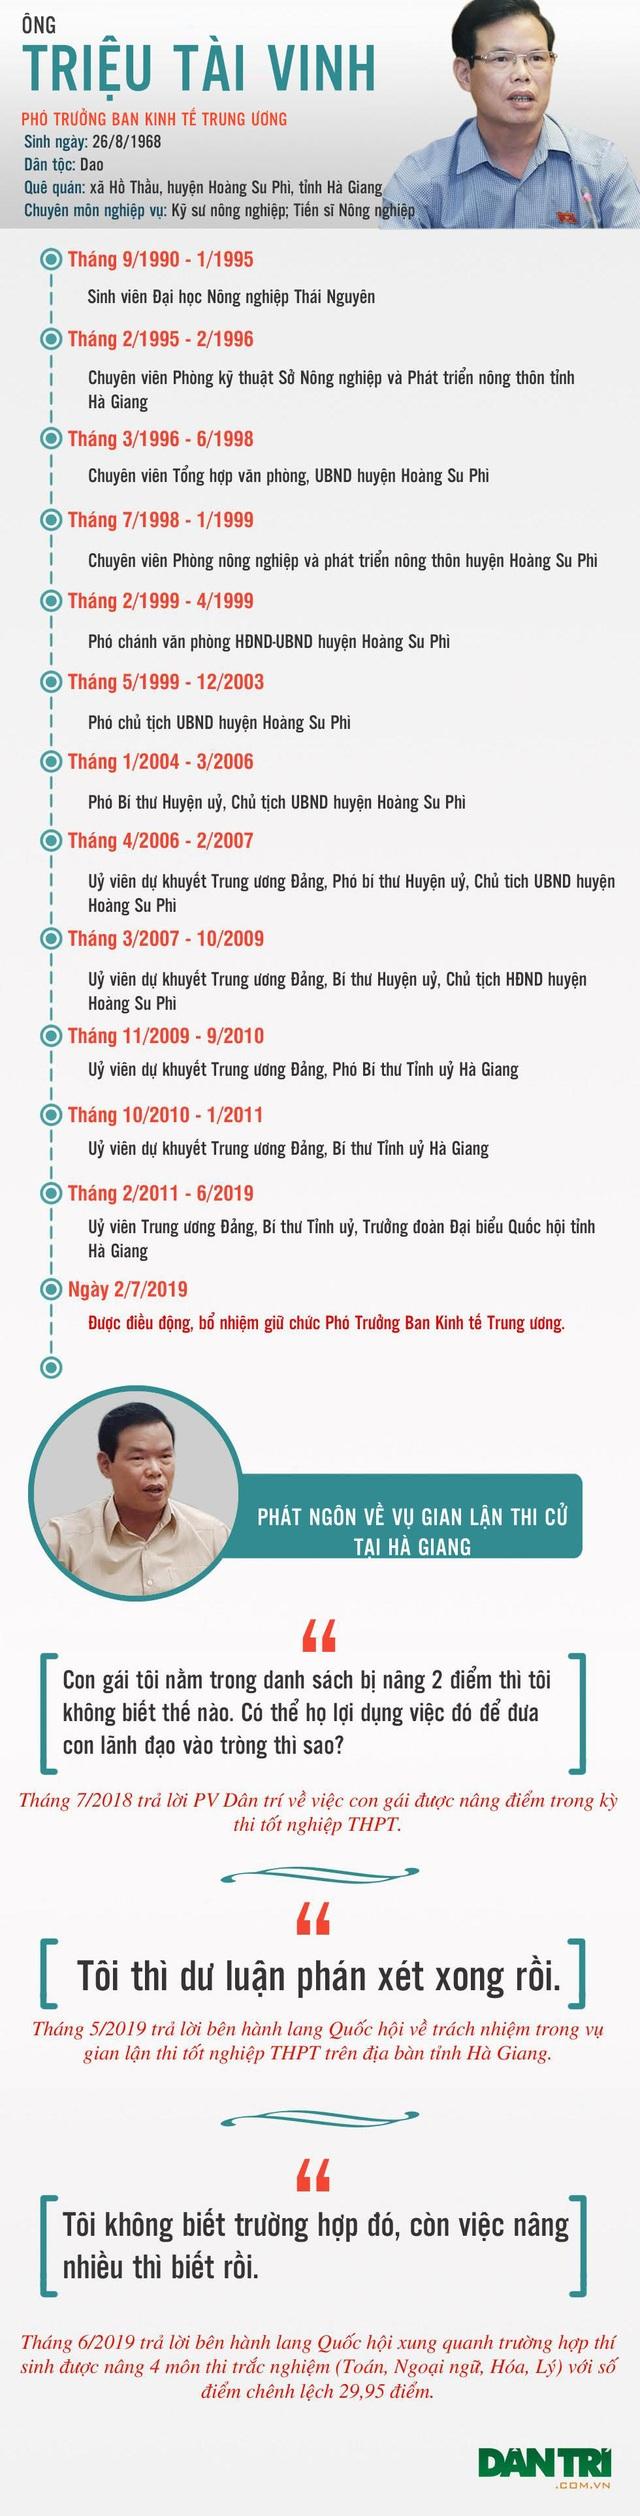 Đề nghị Bộ Chính trị kỷ luật ông Triệu Tài Vinh vì vụ gian lận điểm thi - 2